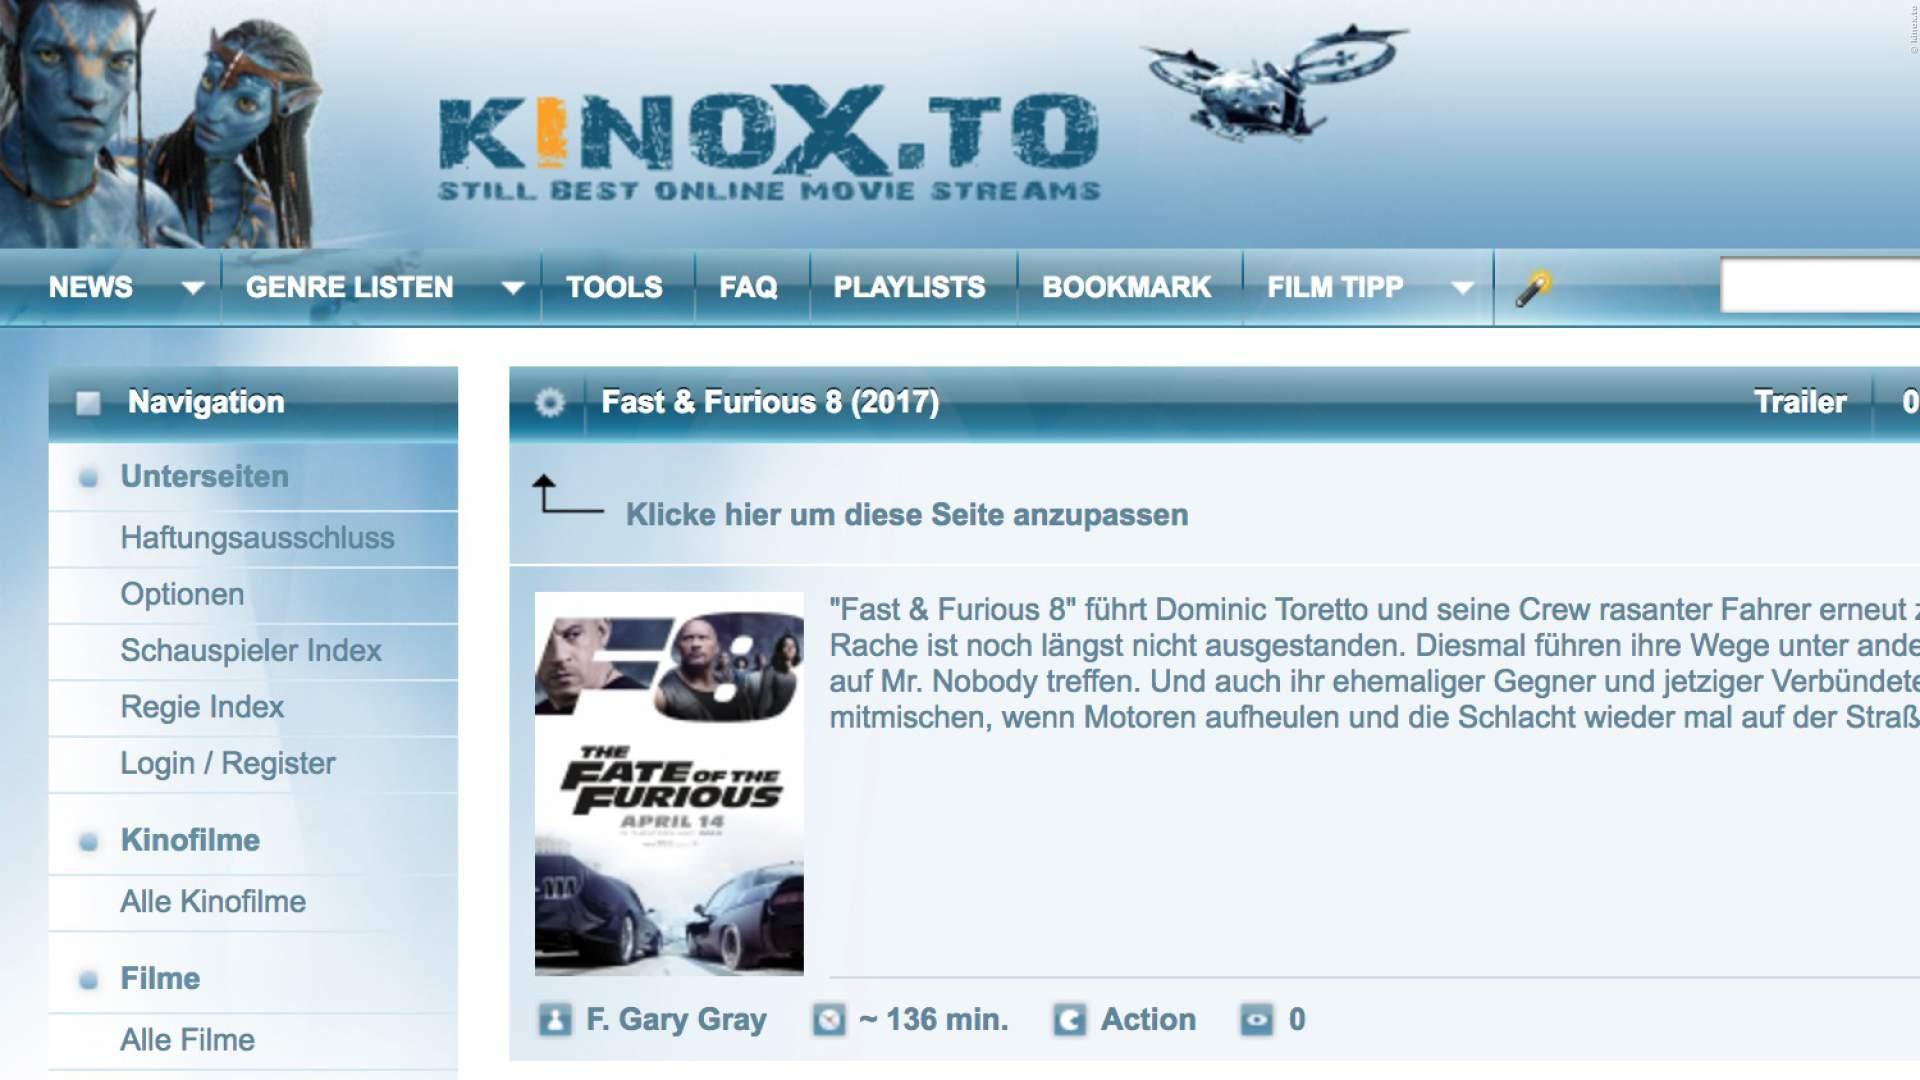 kinox.to film